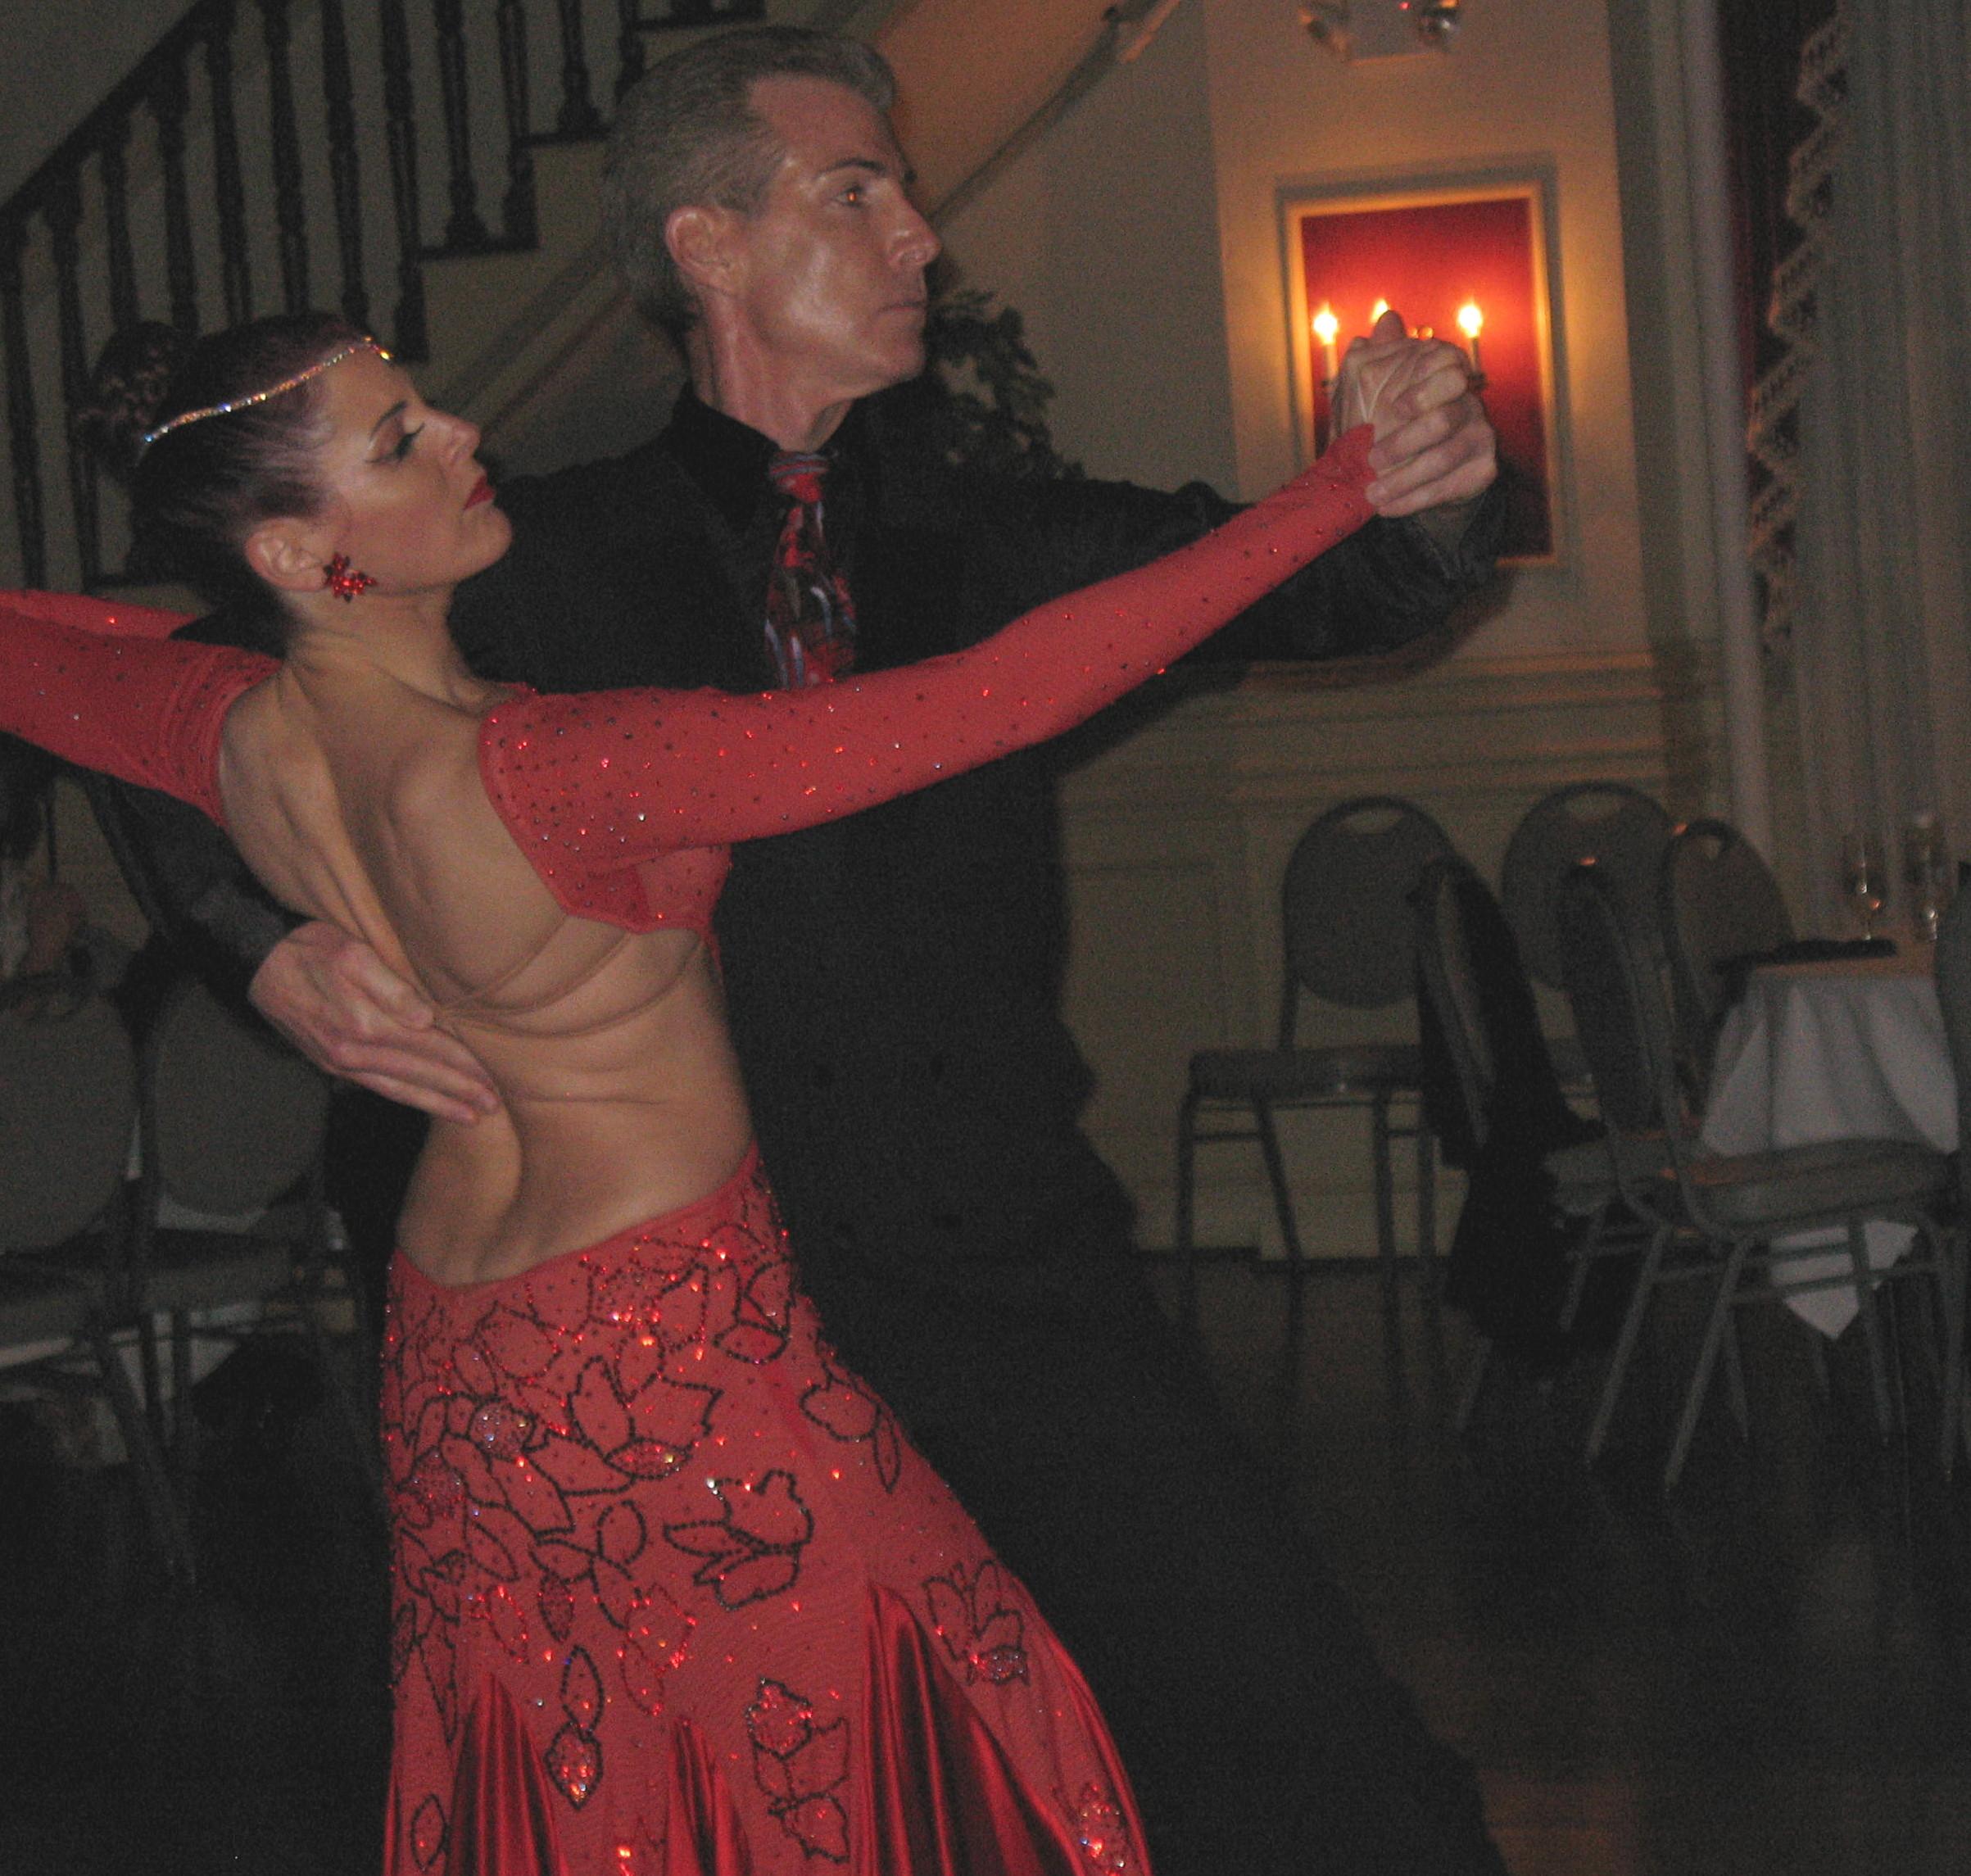 Mike & Rose-Ann Lynch